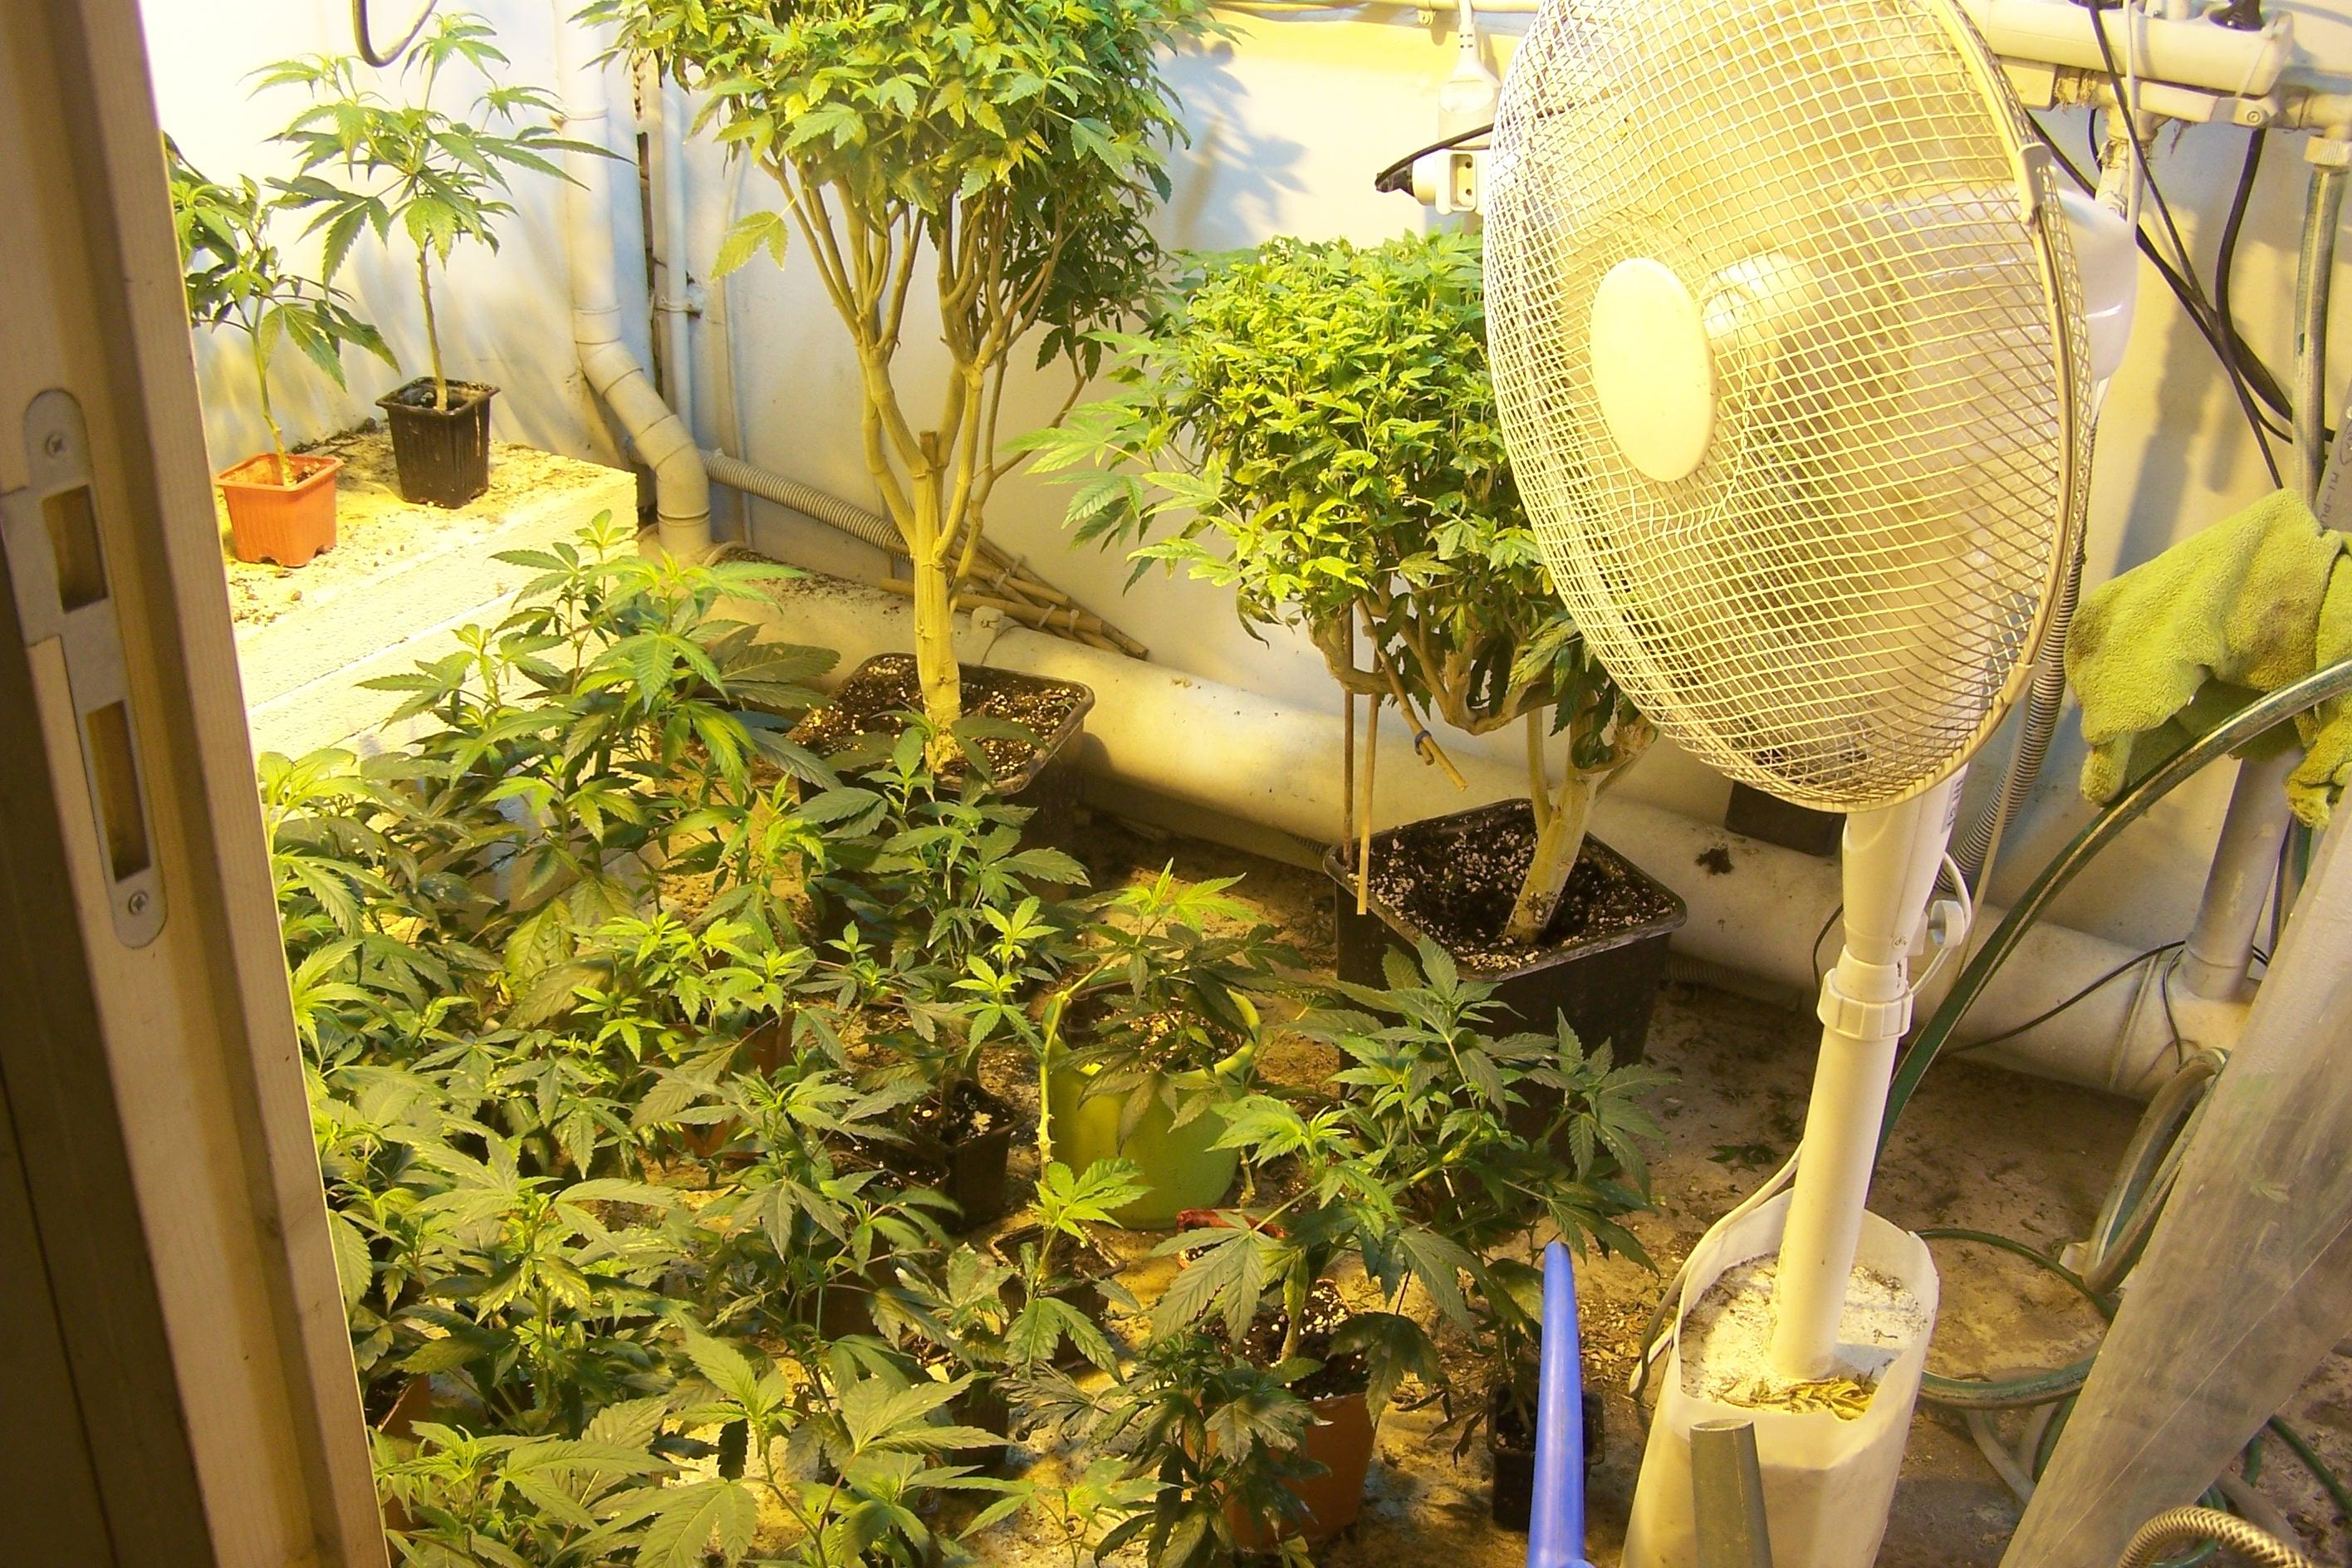 Quelque 200 pieds de cannabis ont été découverts dans une pièce de l'habitation  spécialement équipée pour la culture  (Photo @DR)